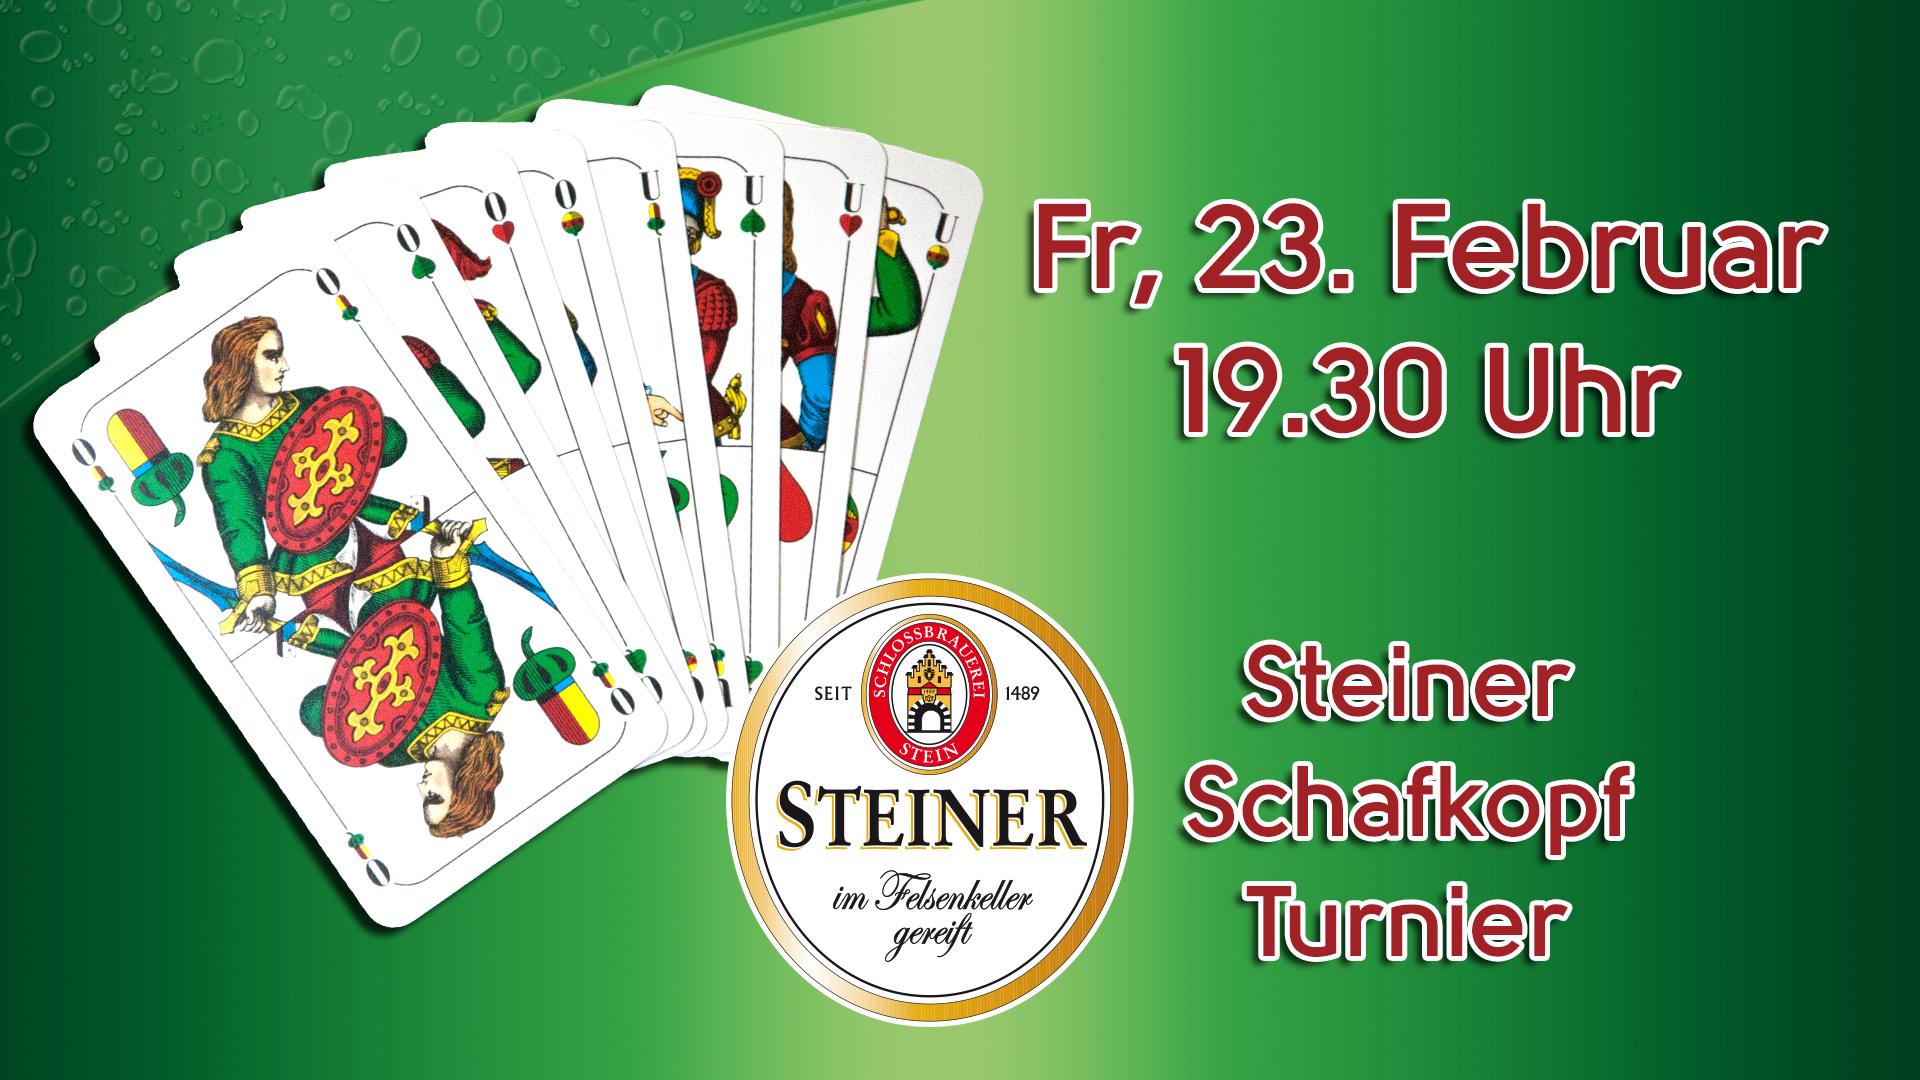 Steiner Schafkopfturnier